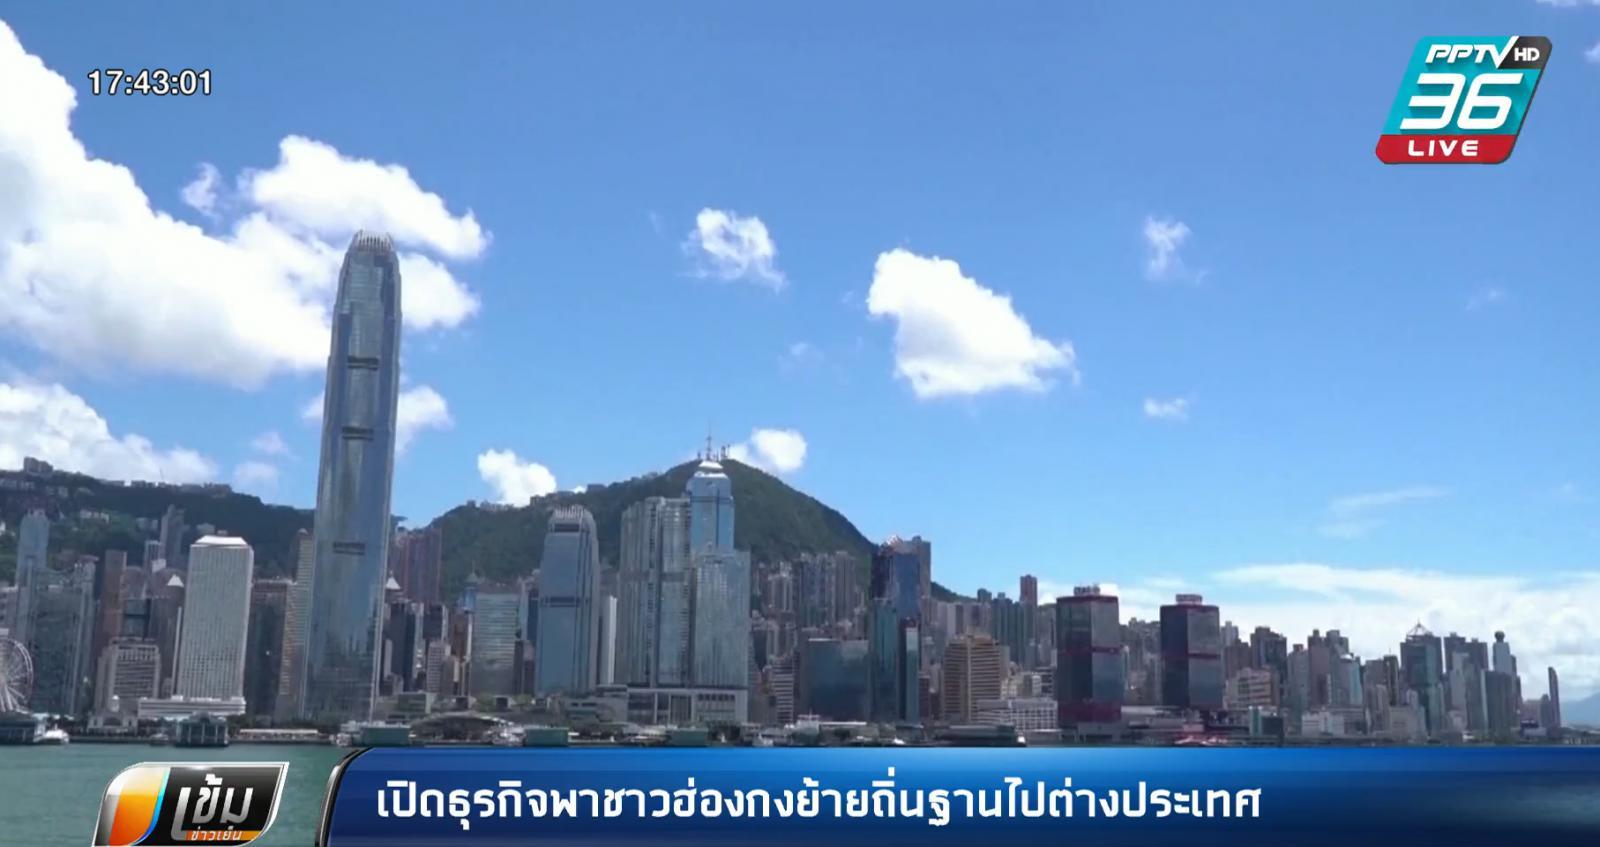 เปิดธุรกิจพาชาวฮ่องกง ย้ายถิ่นฐานไปต่างประเทศ